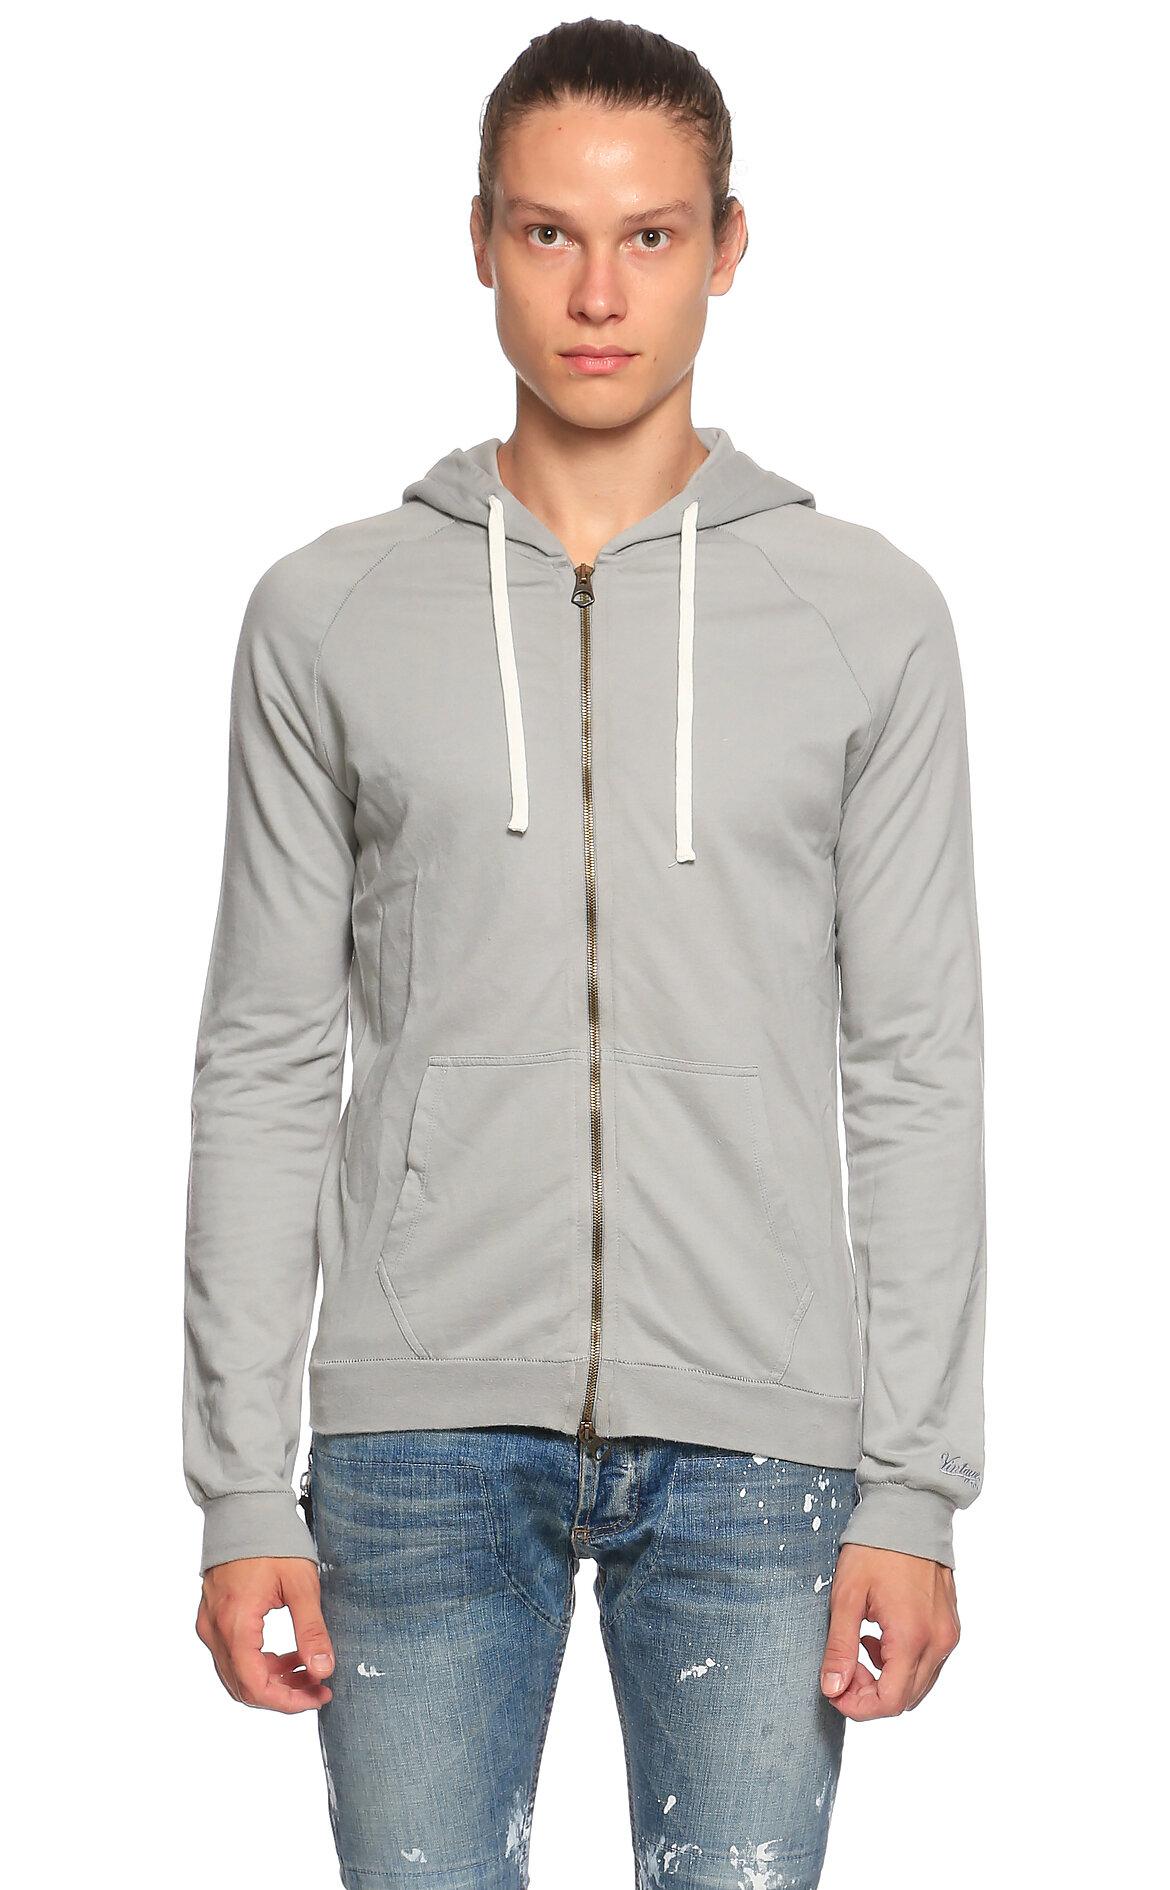 Vintage 55-Vintage 55 Kapüşonlu Gri Sweatshirt